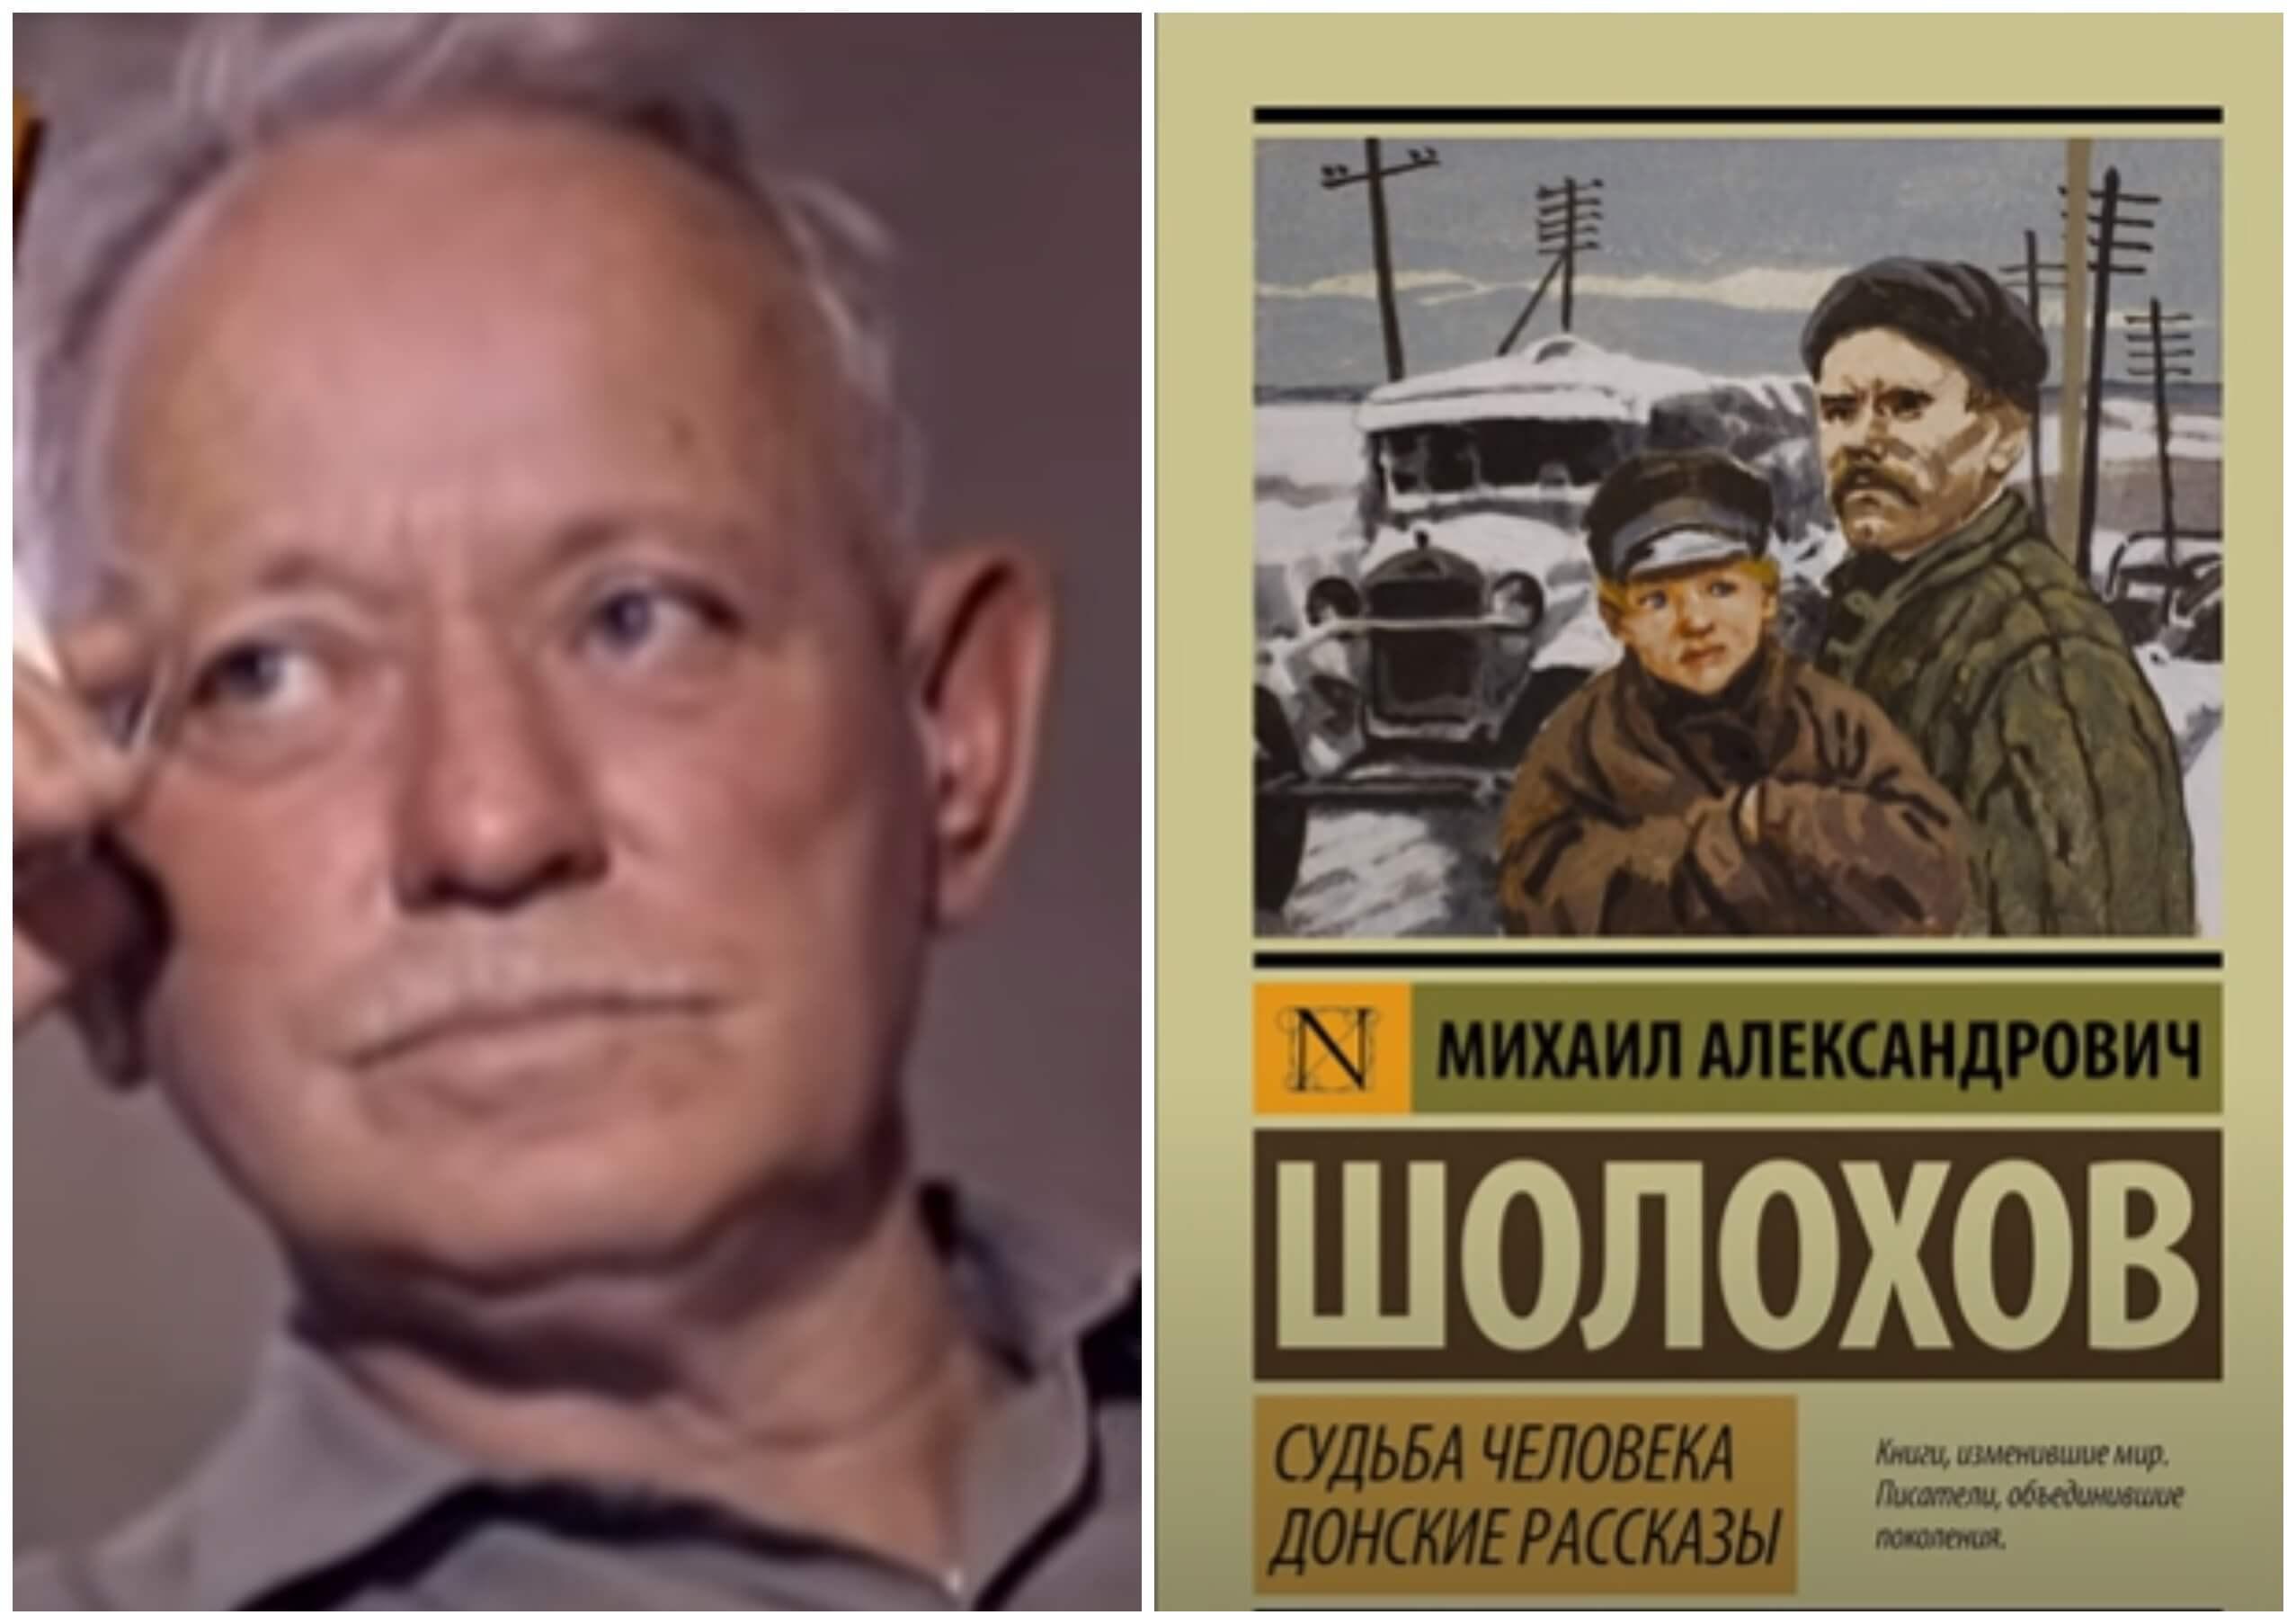 """На фото изображен Михаил Шолохов и обложка его книги """"Судьба человека""""."""